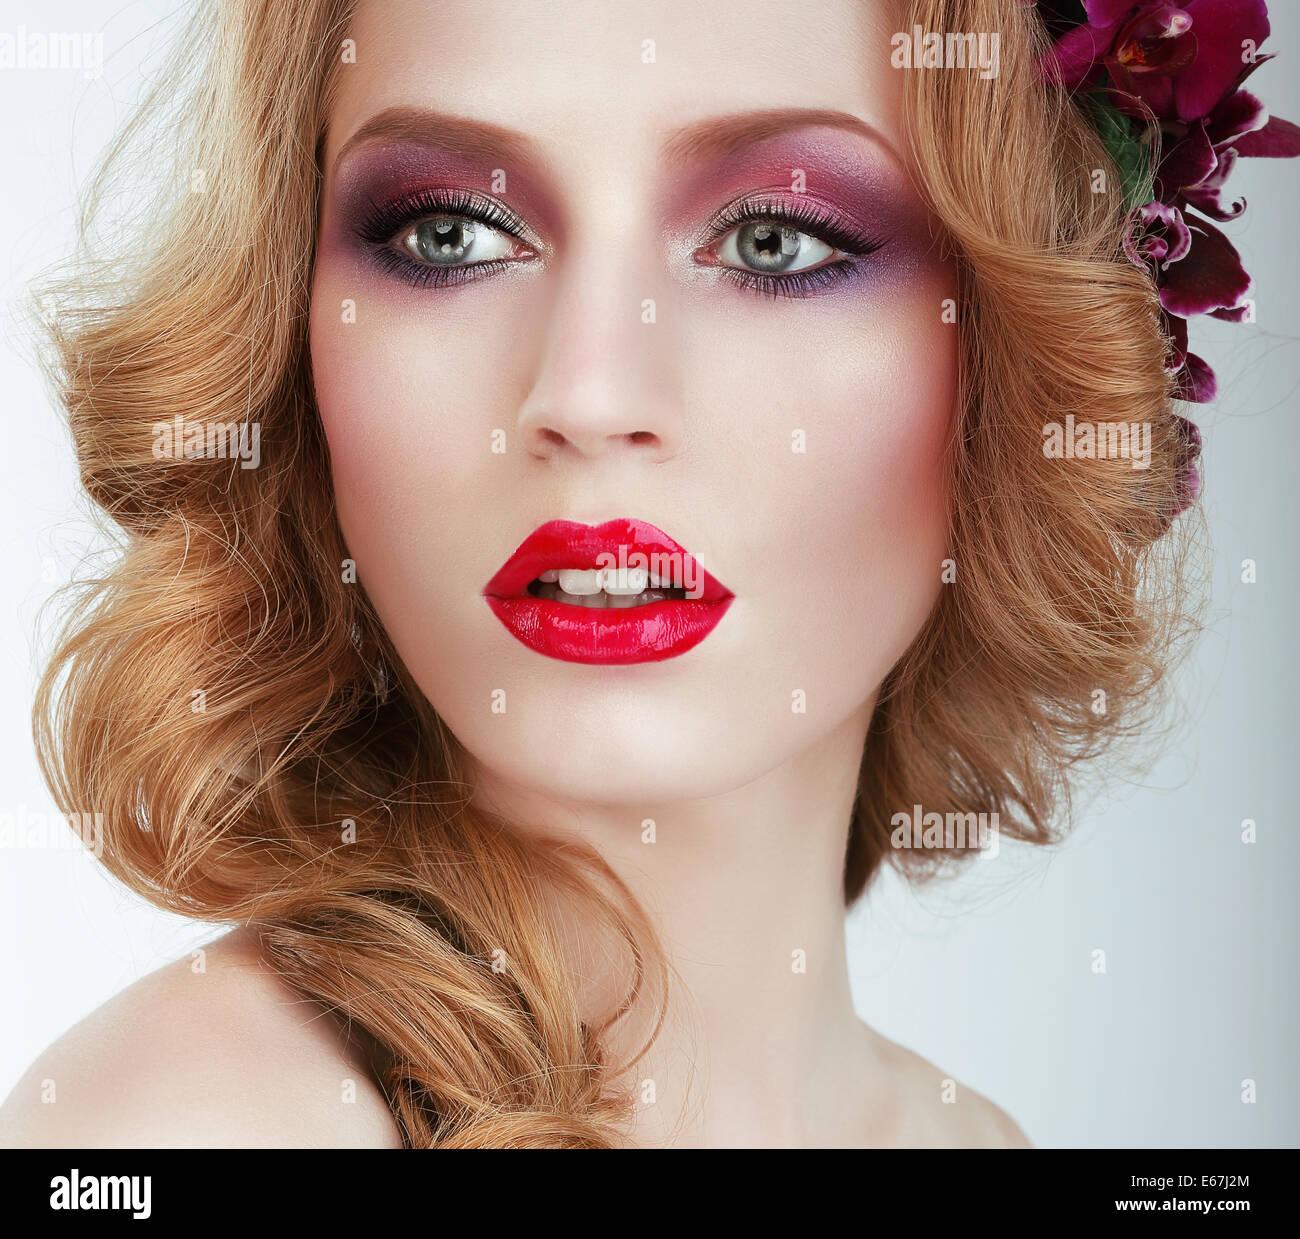 Visage. Hermosa mujer con maquillaje noche profesional Imagen De Stock